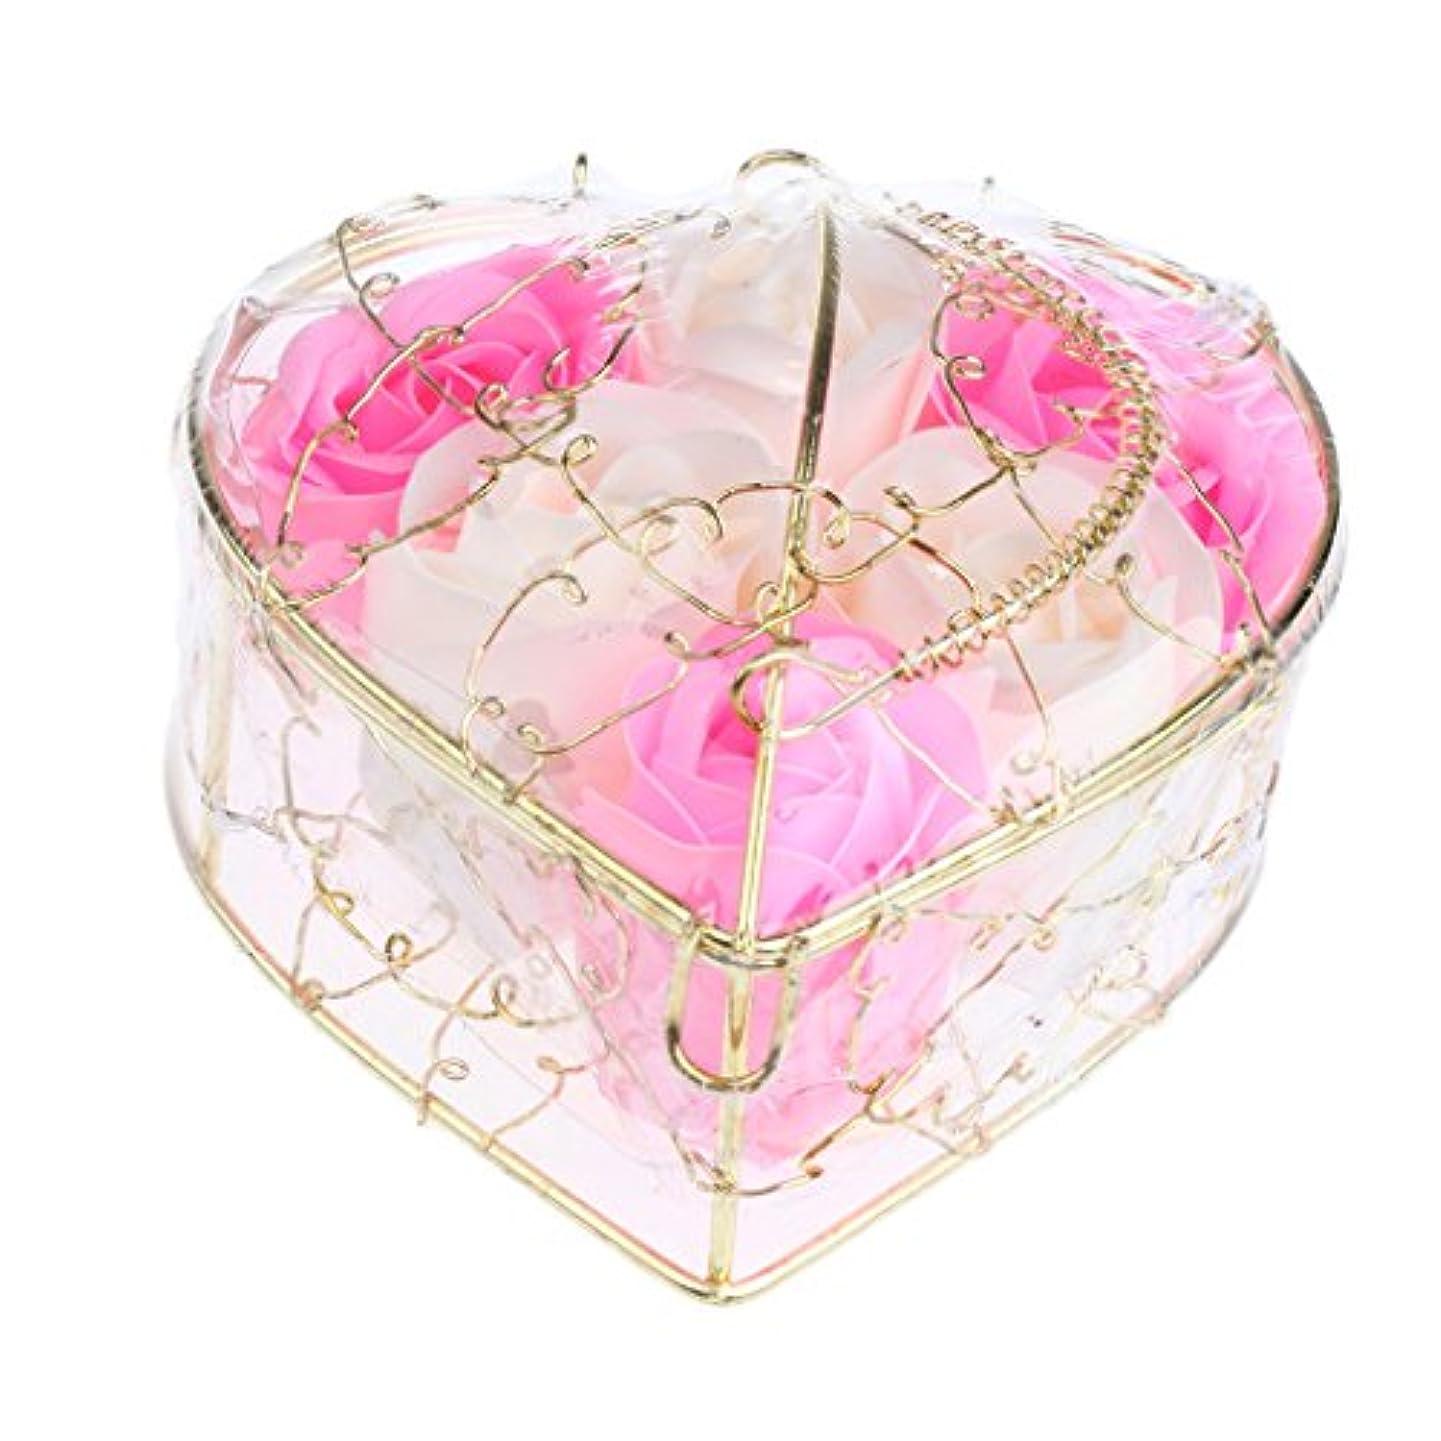 欺く凍る用語集IPOTCH 6個 ソープフラワー 石鹸花 造花 バラ フラワー ギフトボックス 誕生日 母の日 記念日 先生の日 プレゼント 全5仕様選べる - ピンクとホワイト